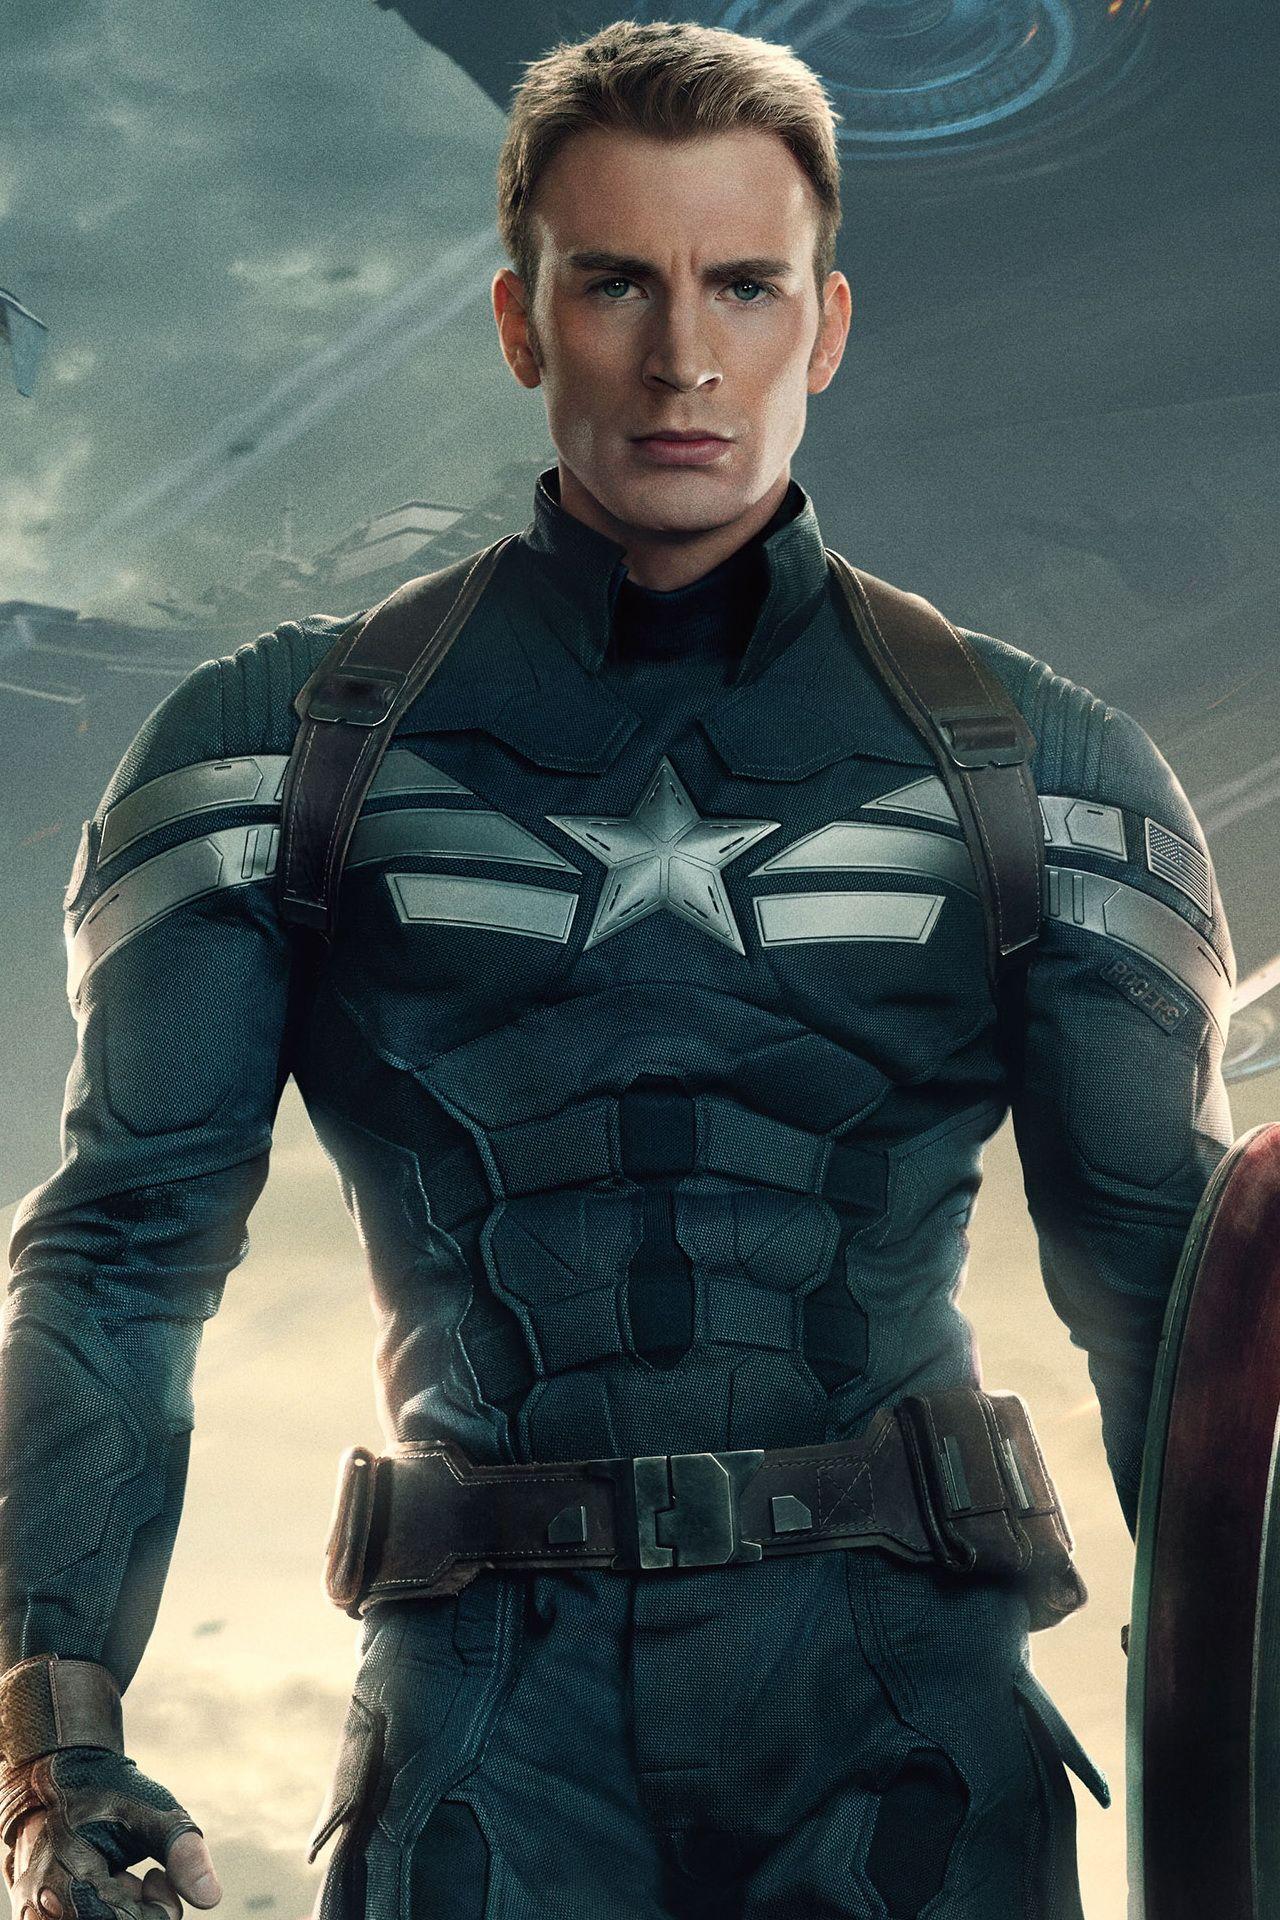 キャプテンアメリカ ウィンターソルジャー 壁紙